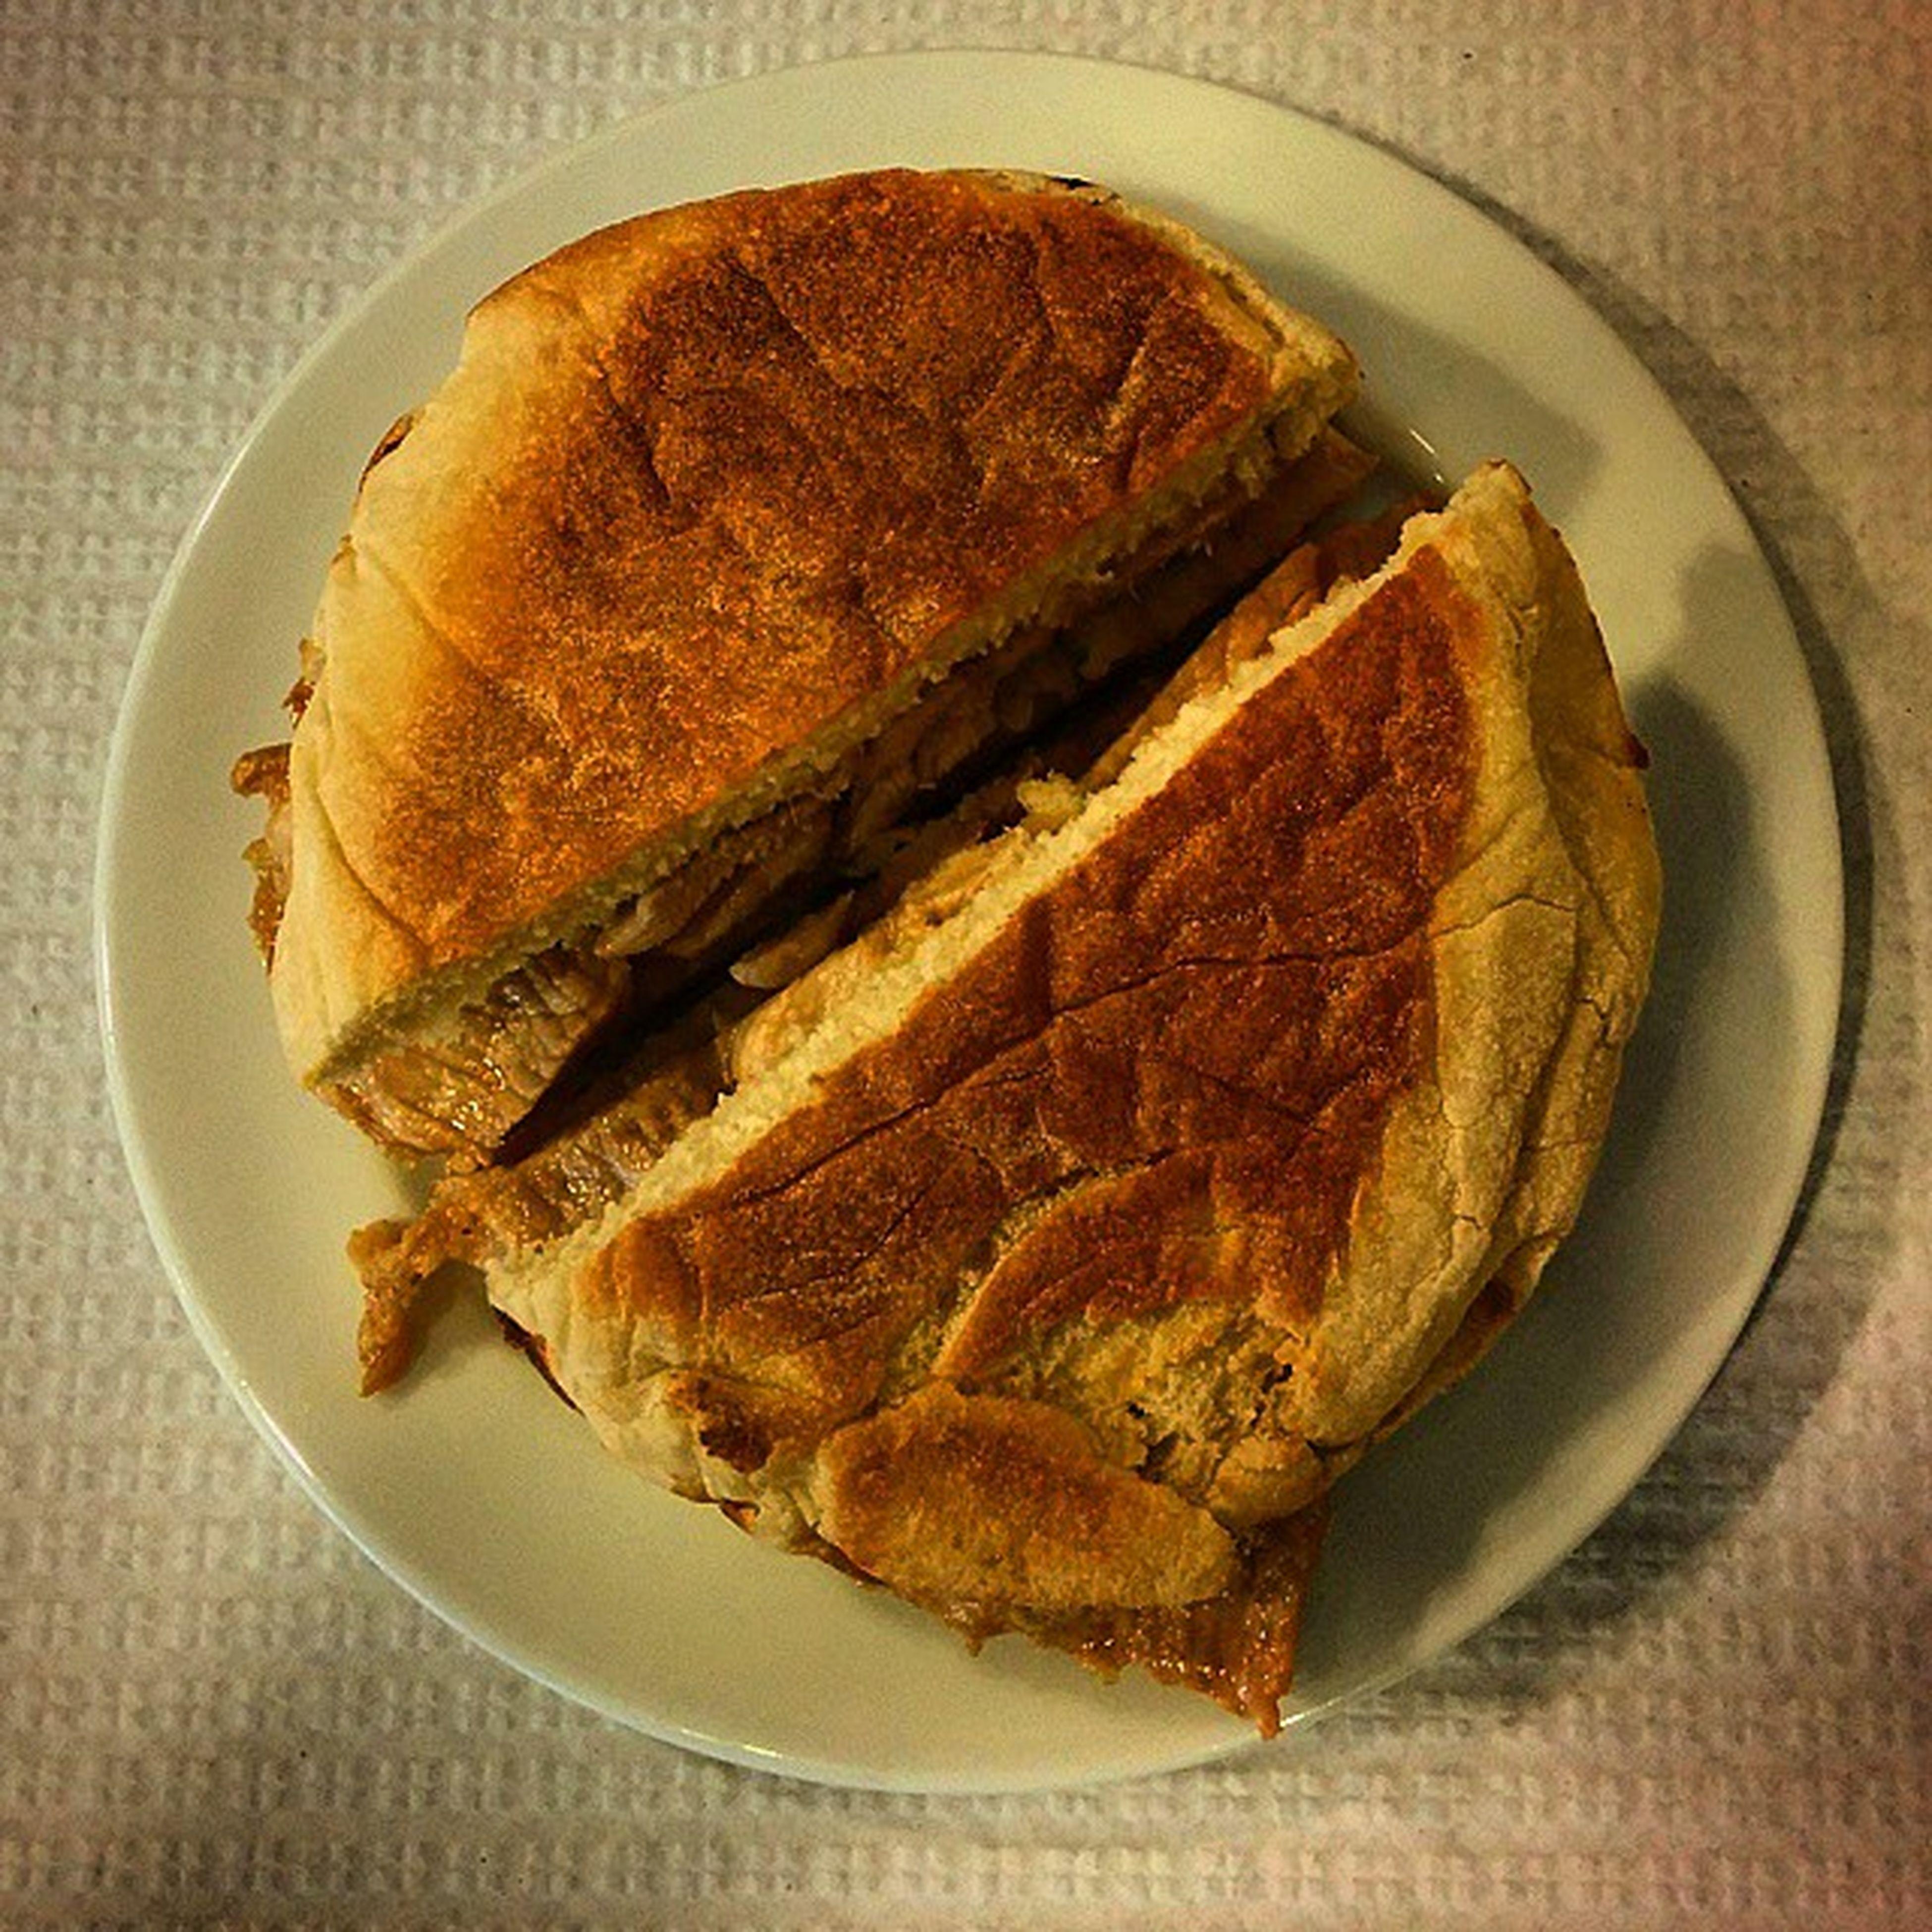 Un des sandwichs typique du Portugal : bifana bolo de caco Bifana , Bolodecaco , Foodporn , Lisboapt , igersportugal, lisbon, food, yammy